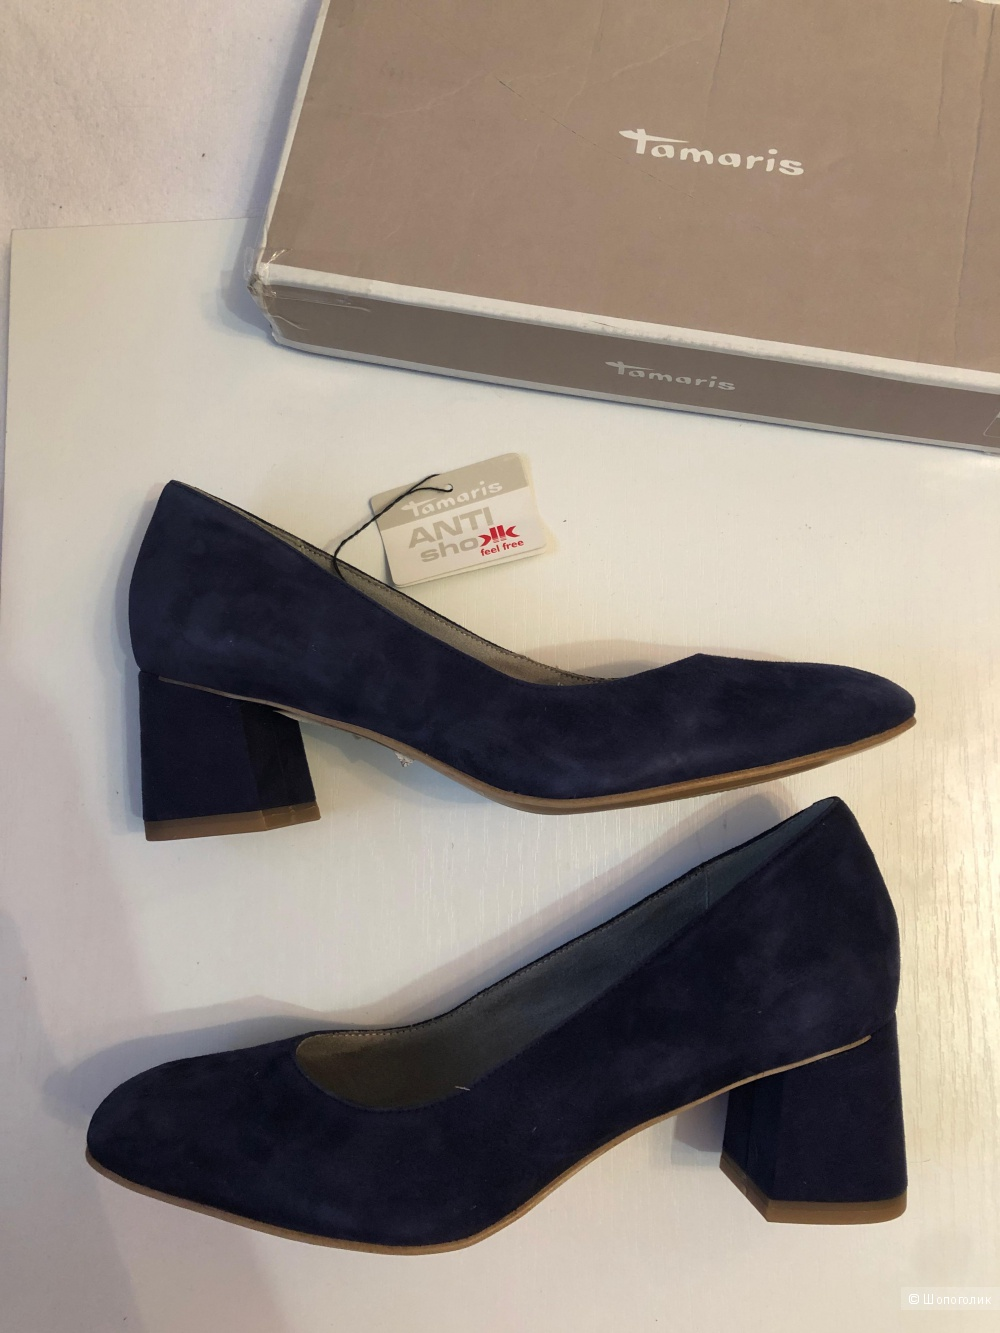 Замшевые туфли Tamaris 39 - 40 р. 26 см